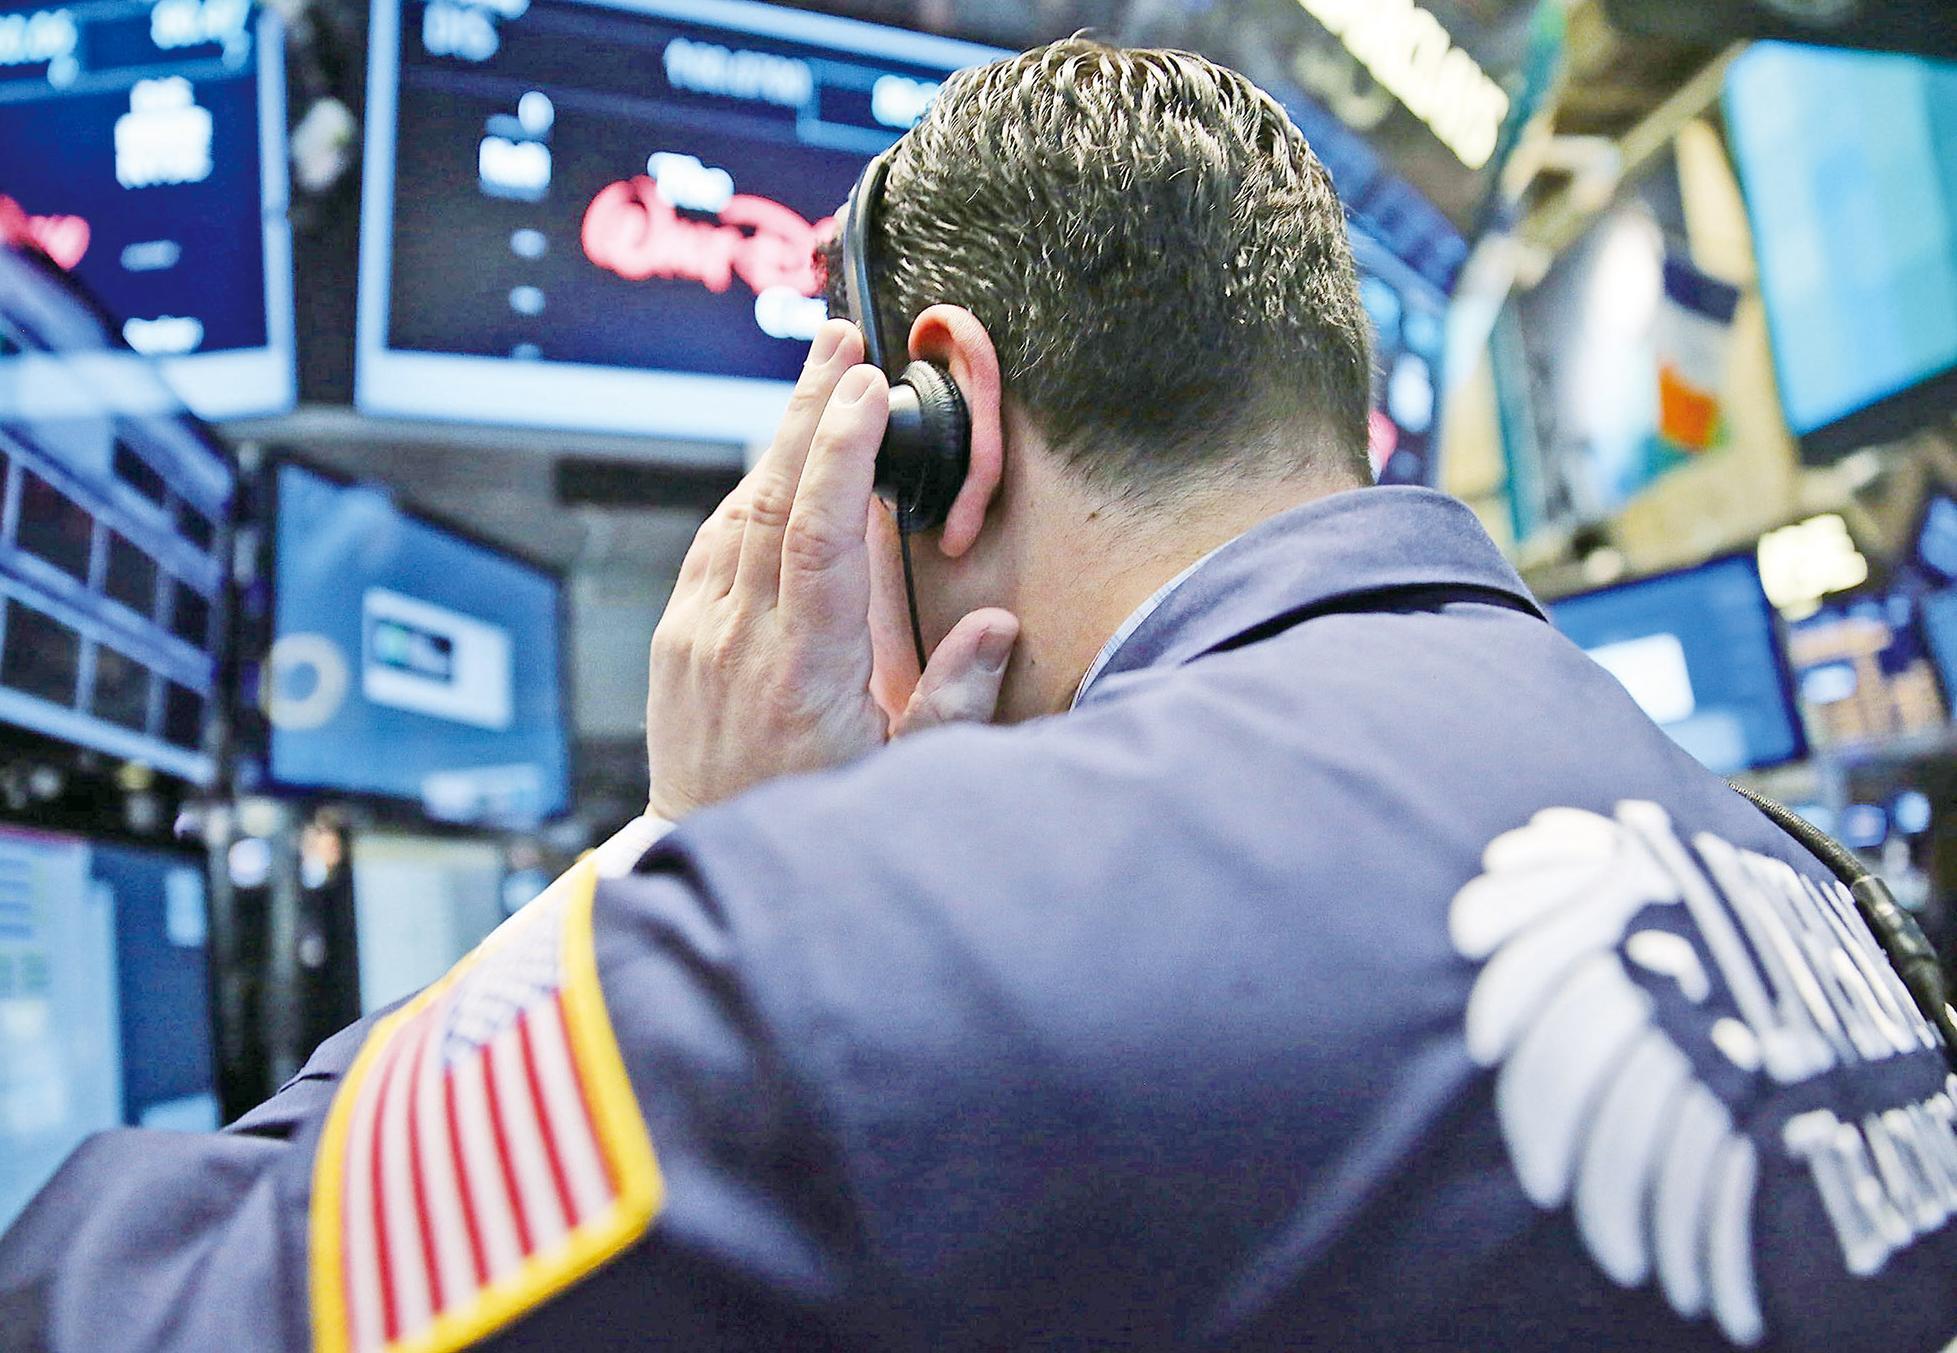 環球股市聞聲先瀉